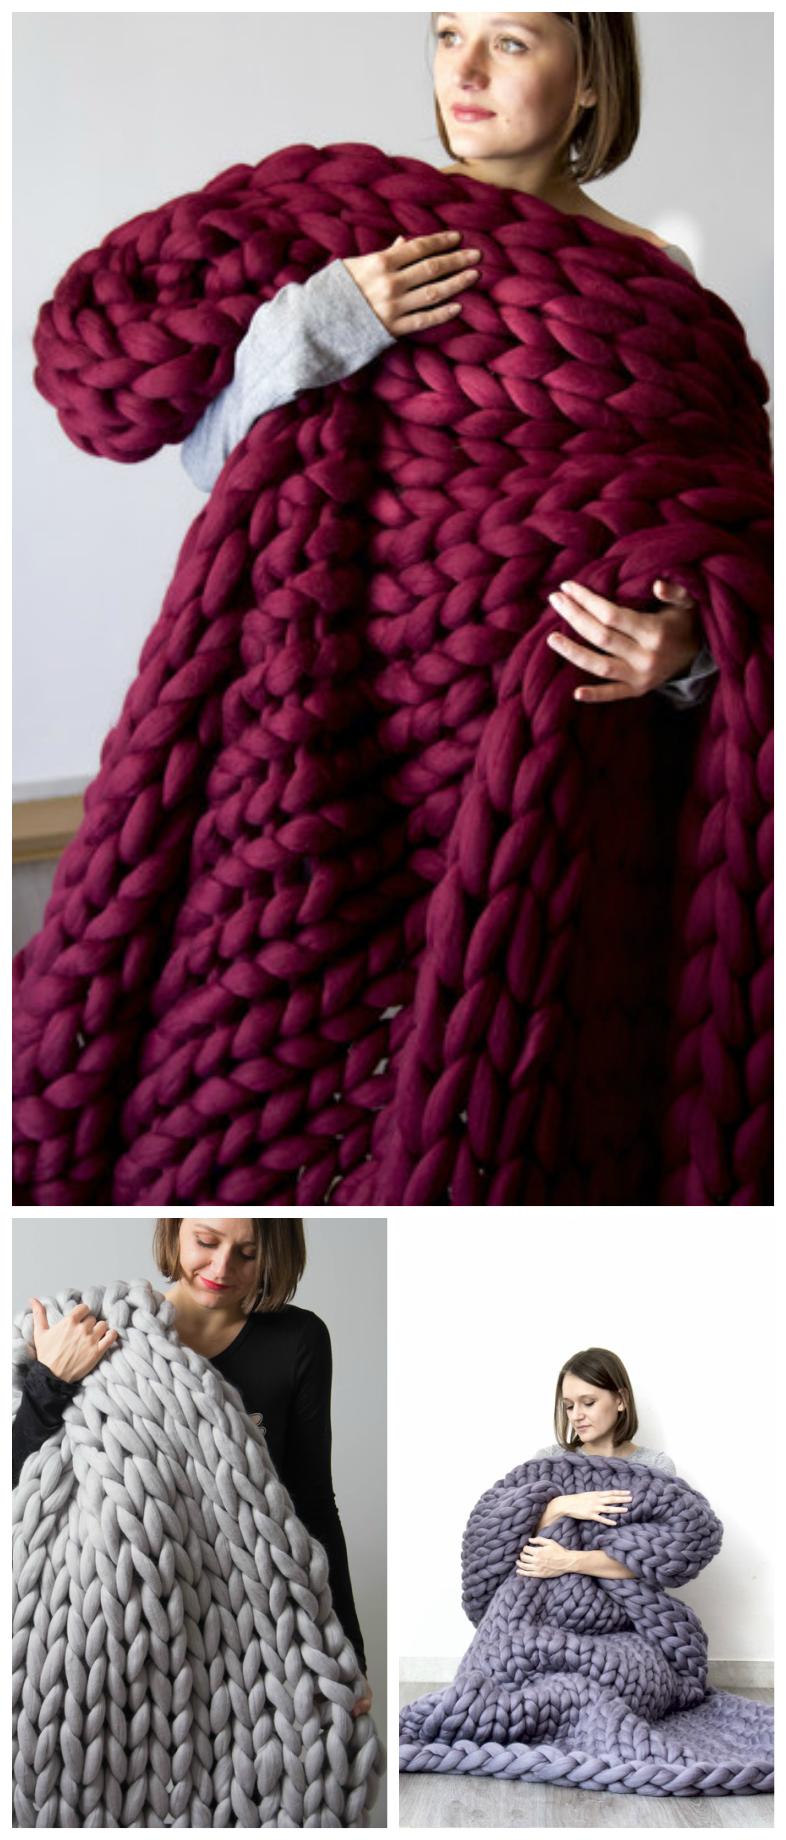 Kuschelige Gestrickte Decke Aus Xxl Wolle Aussergewohnliche Wohndeko Knitted Blanket Made Of Chunky Xxl Ya Wolldecke Stricken Strickdecke Grobe Strickmuster